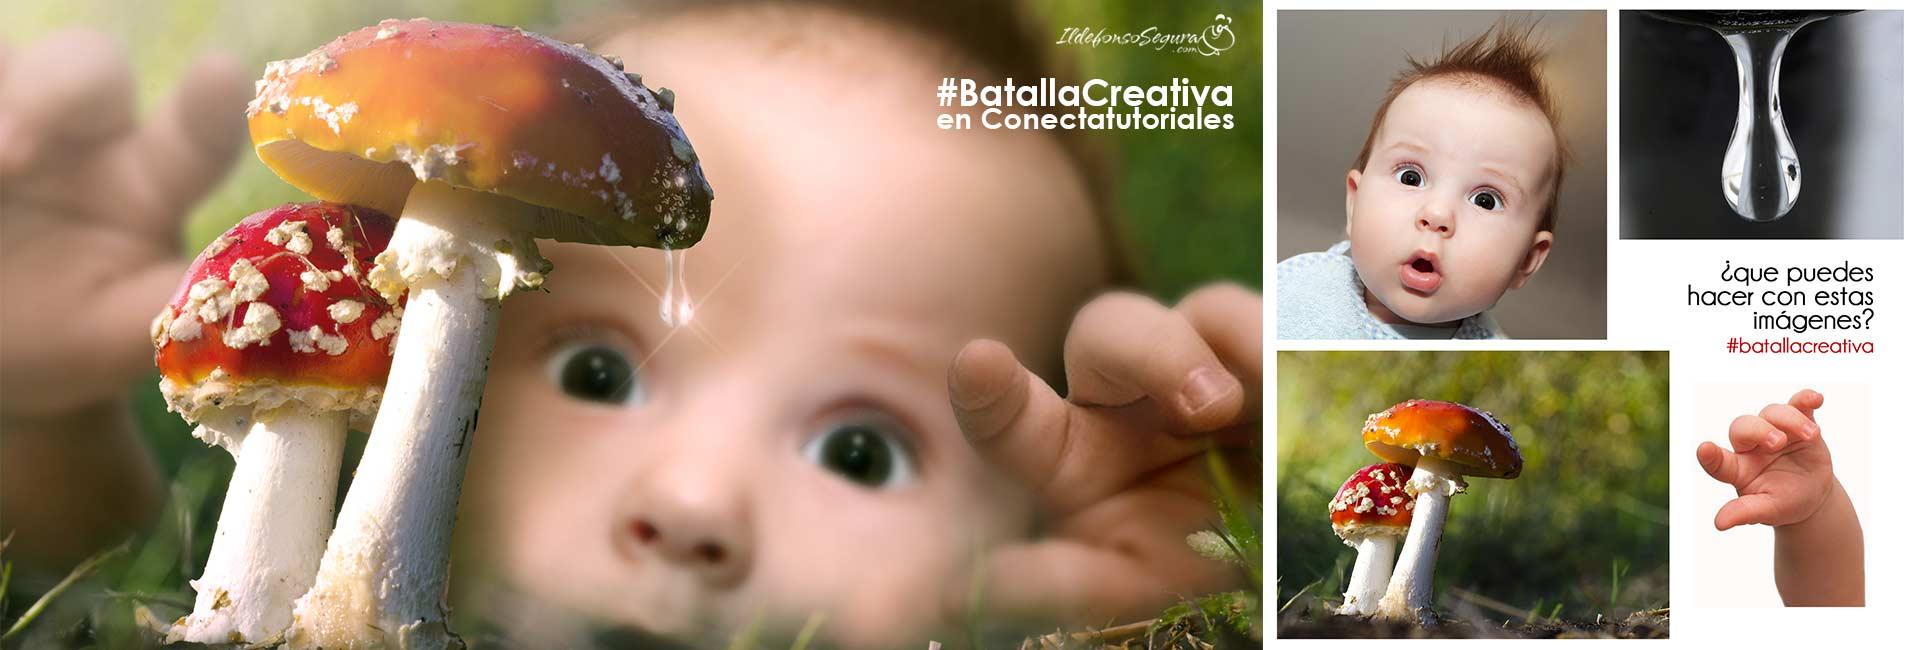 Lee más sobre el artículo Reto @conecta en la #batallacreativa de #conectatutoriales (stock de @fotoliaespana)